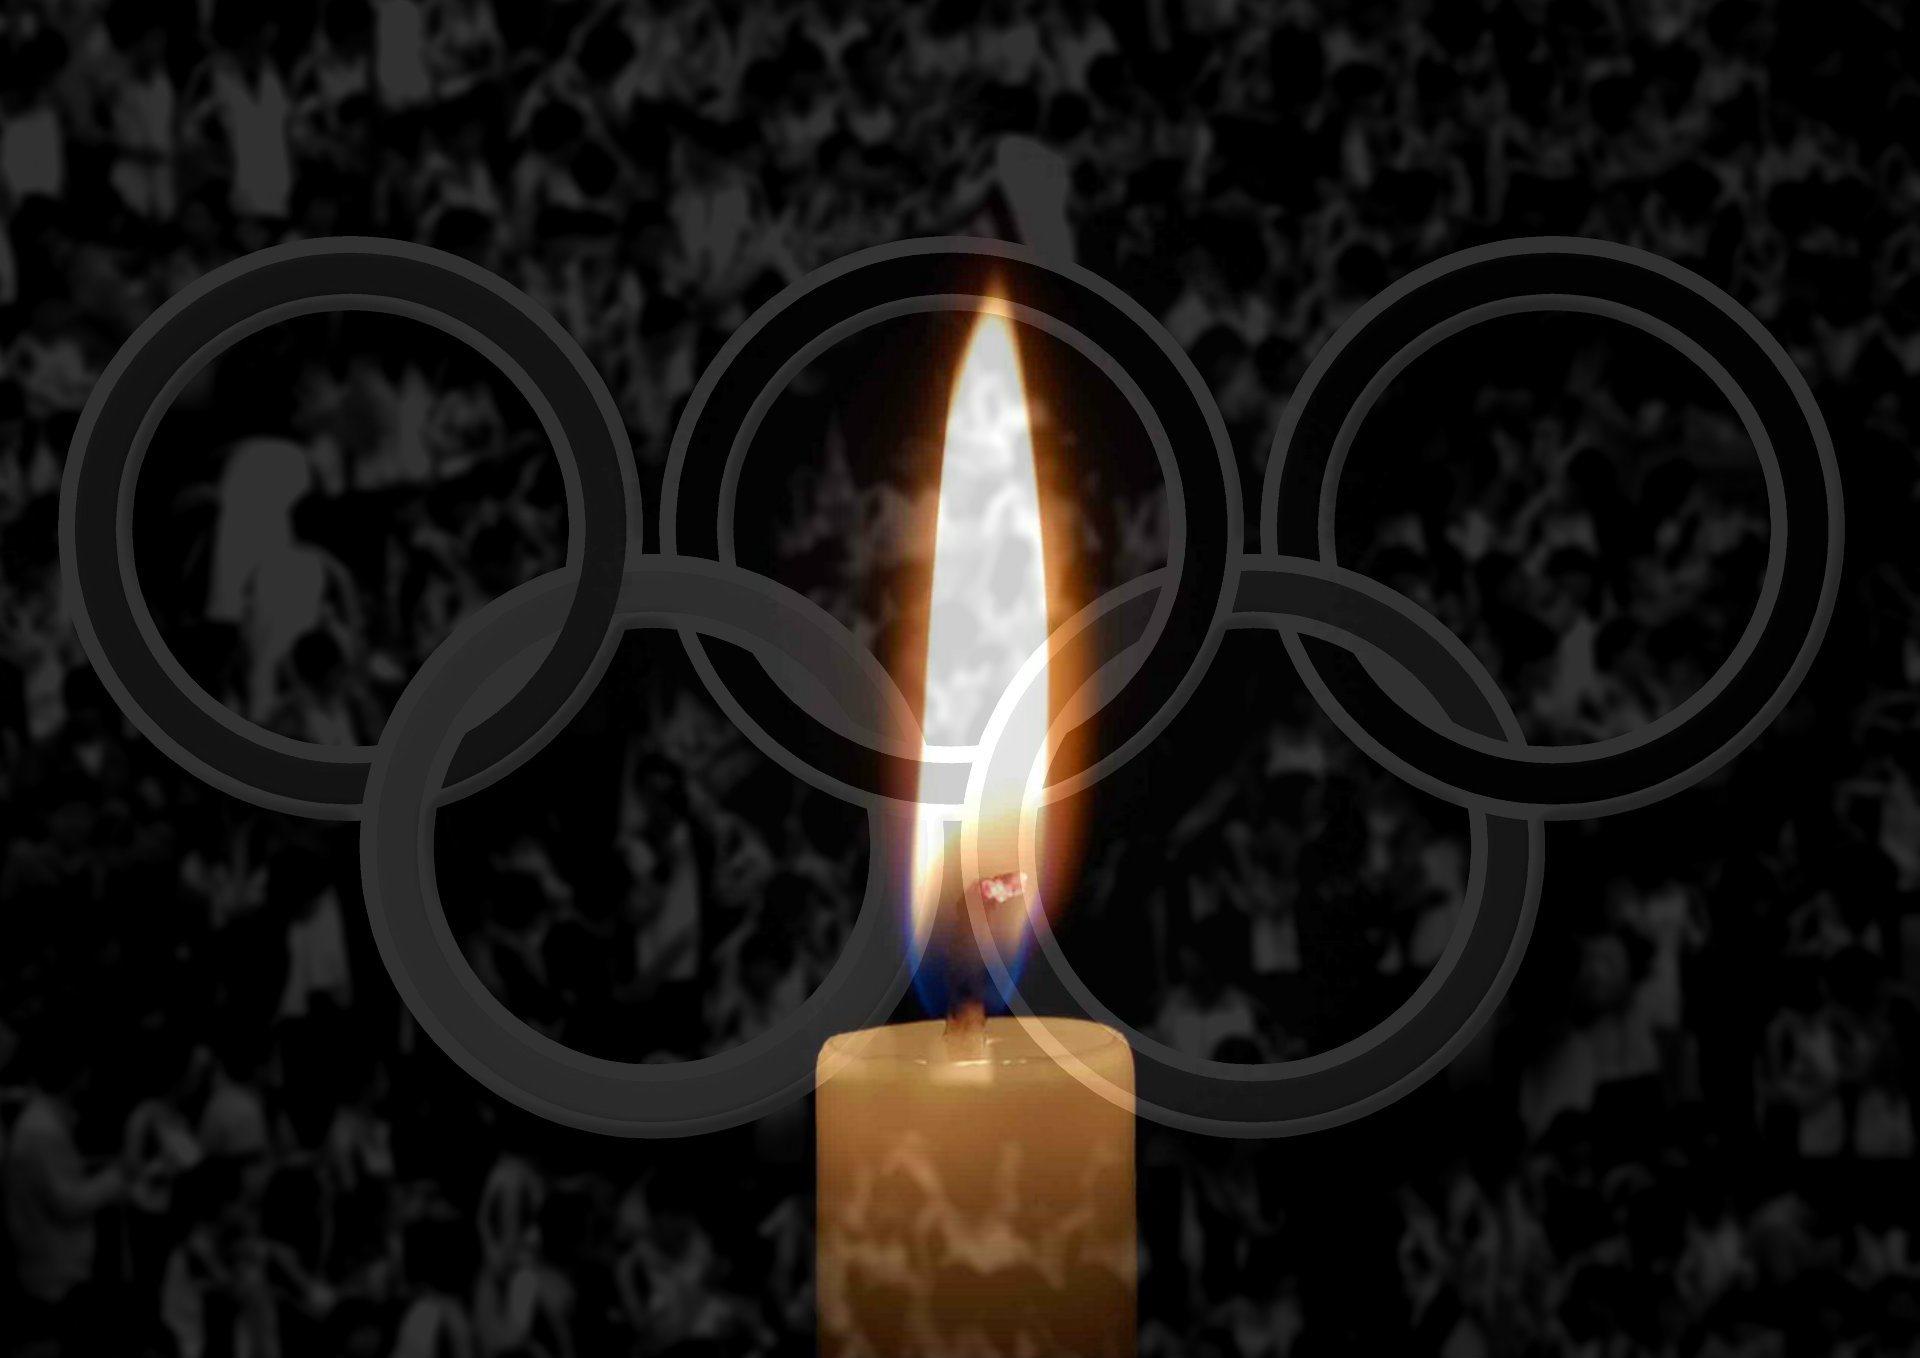 Sportowcy na Igrzyskach w żałobie. Nagła śmierć olimpijczyka